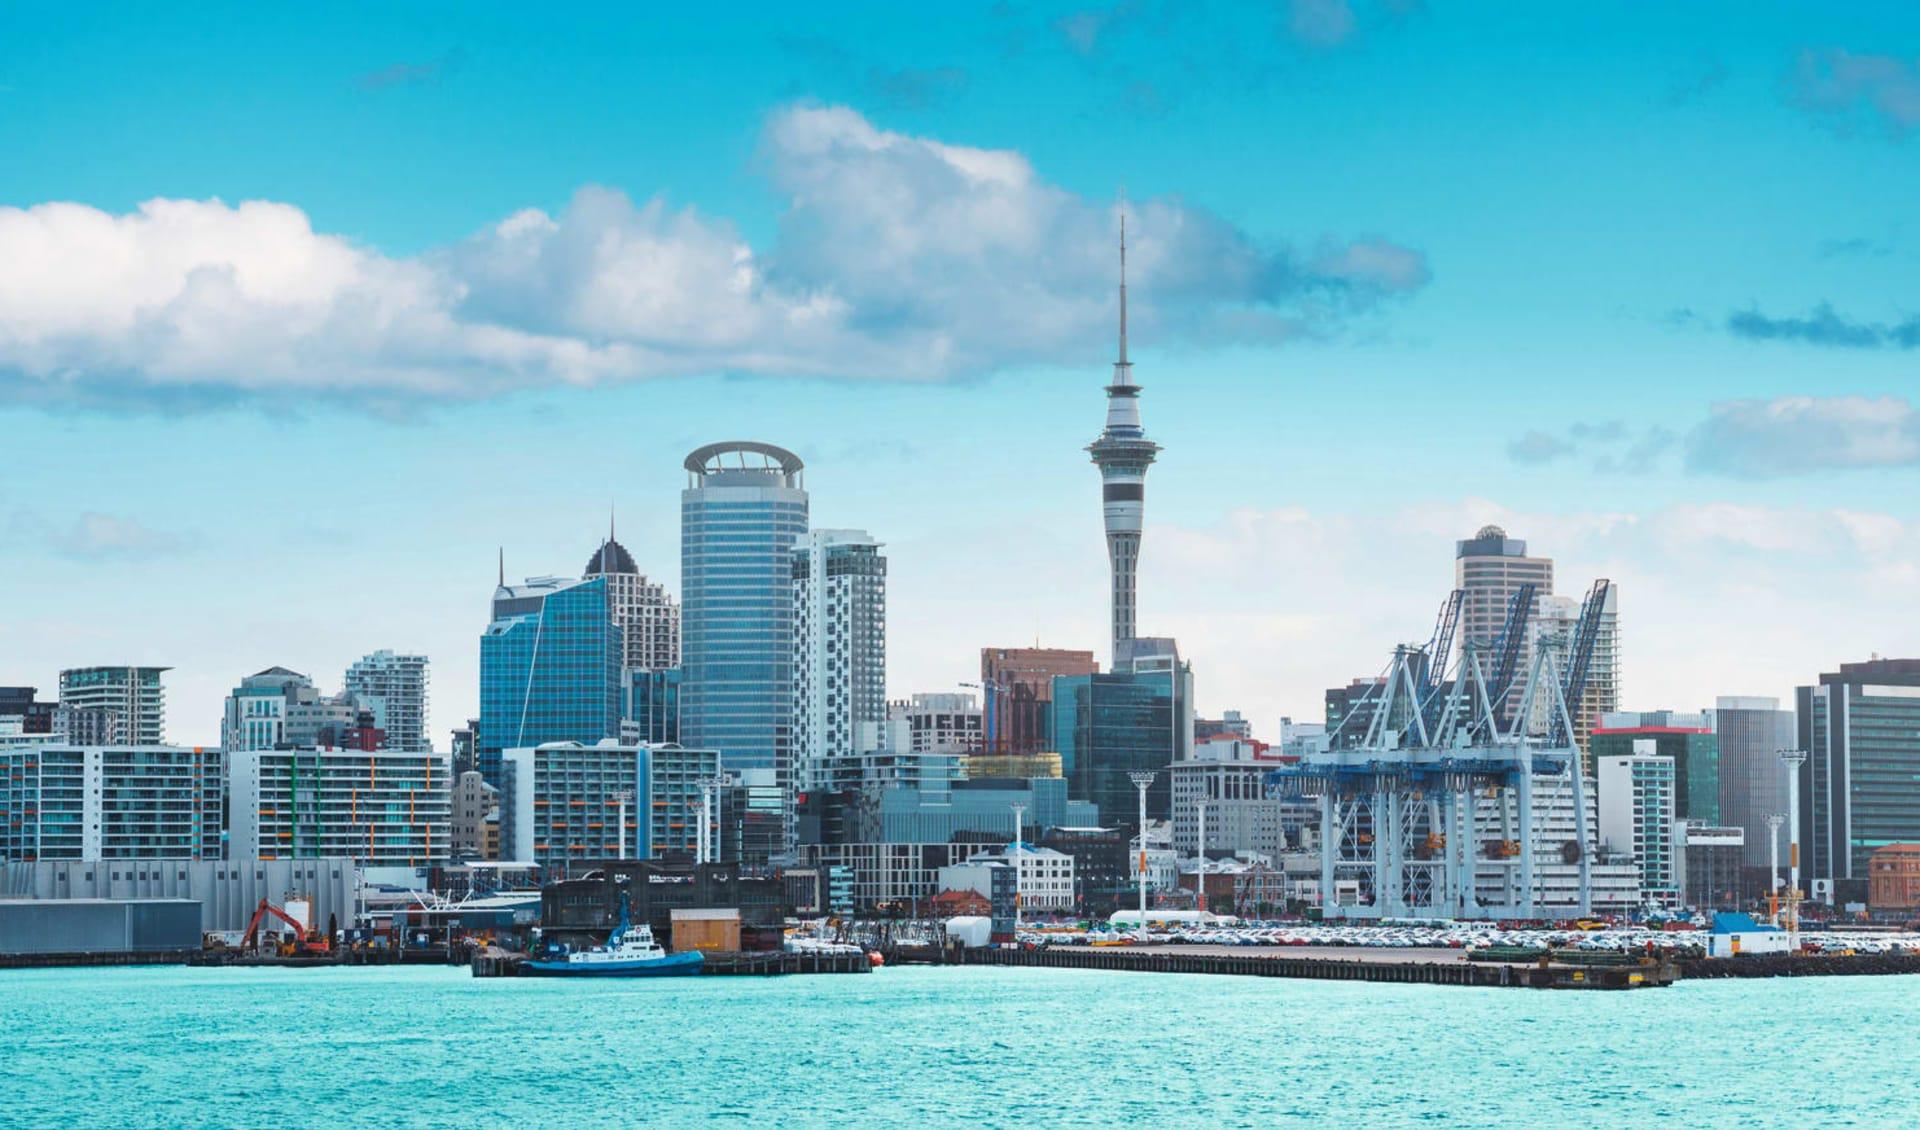 Kiwi Encounter ab Auckland: Neuseeland - Stadt Auckland - Sicht von Hafen auf Stadt cShutterstock